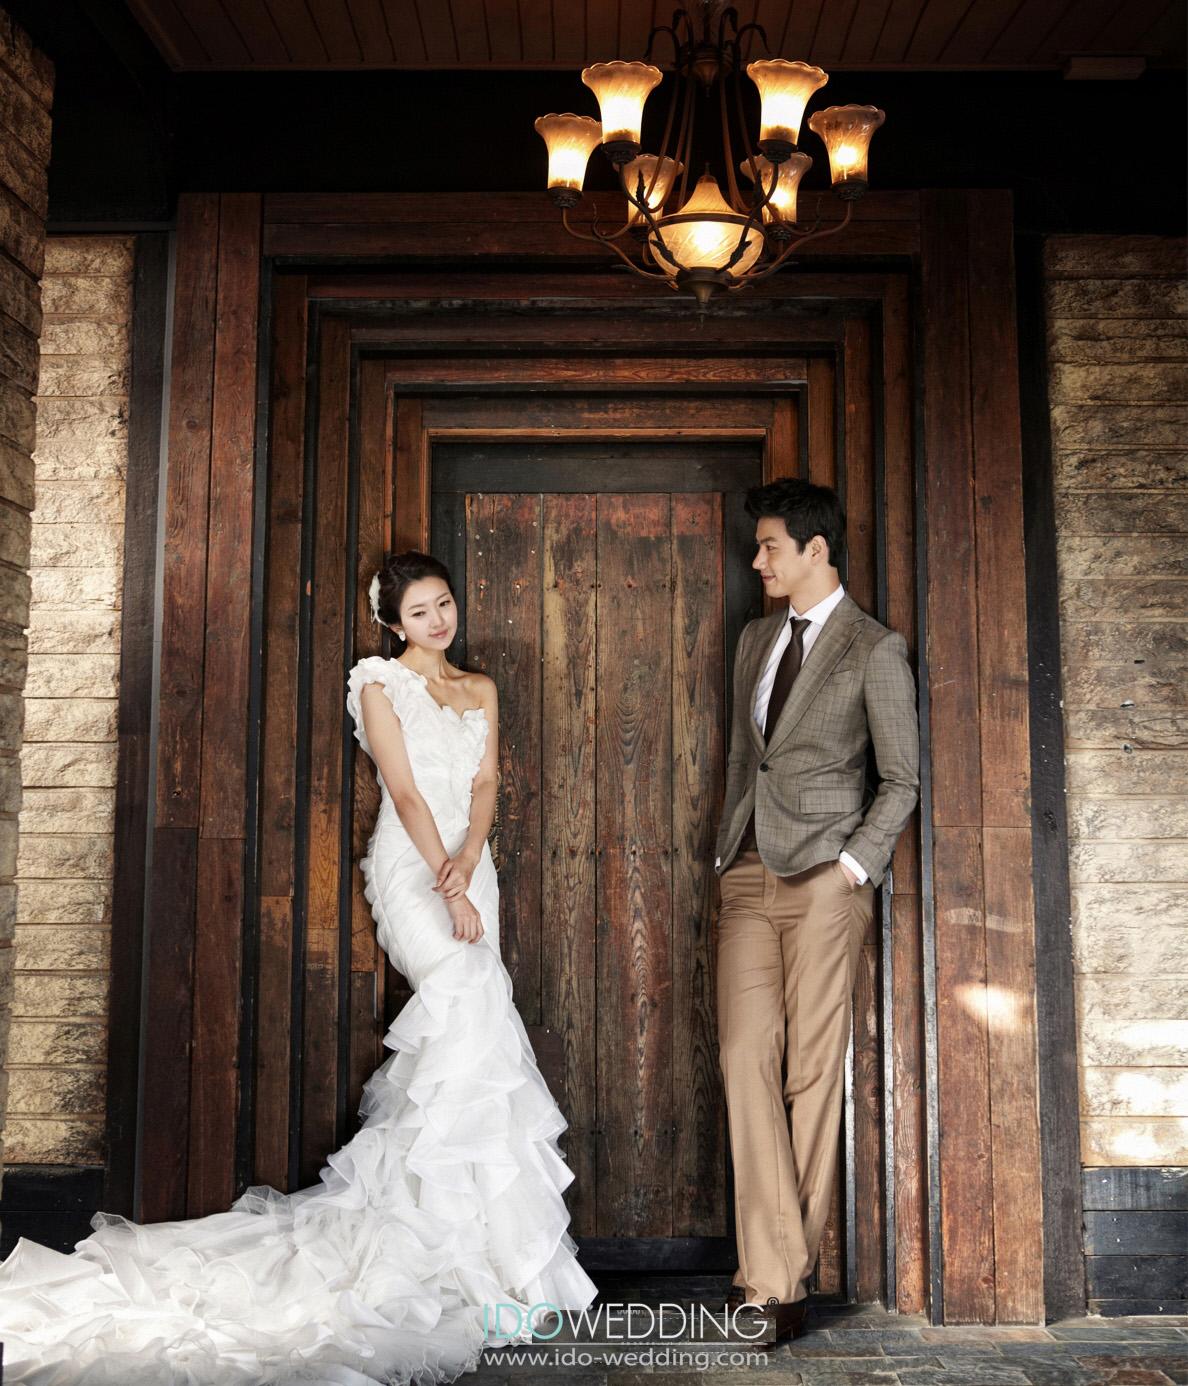 Pre-wedding Photography In Korea 2012